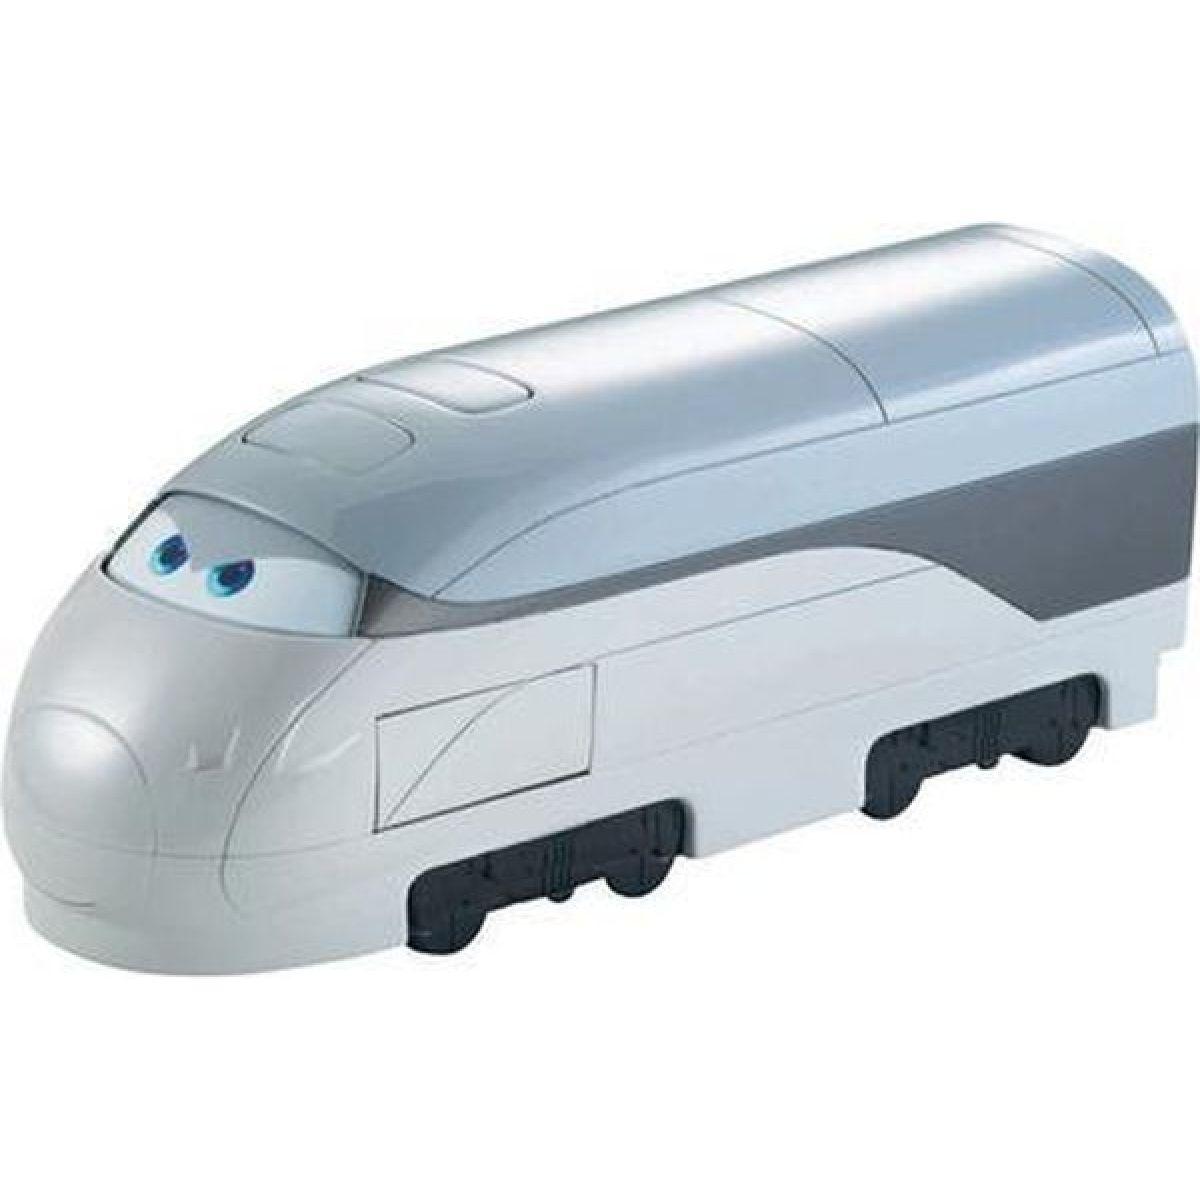 Cars Transportéry s měnitelnými prvky Mattel X0612 - Deluxe Spy Train Transporter